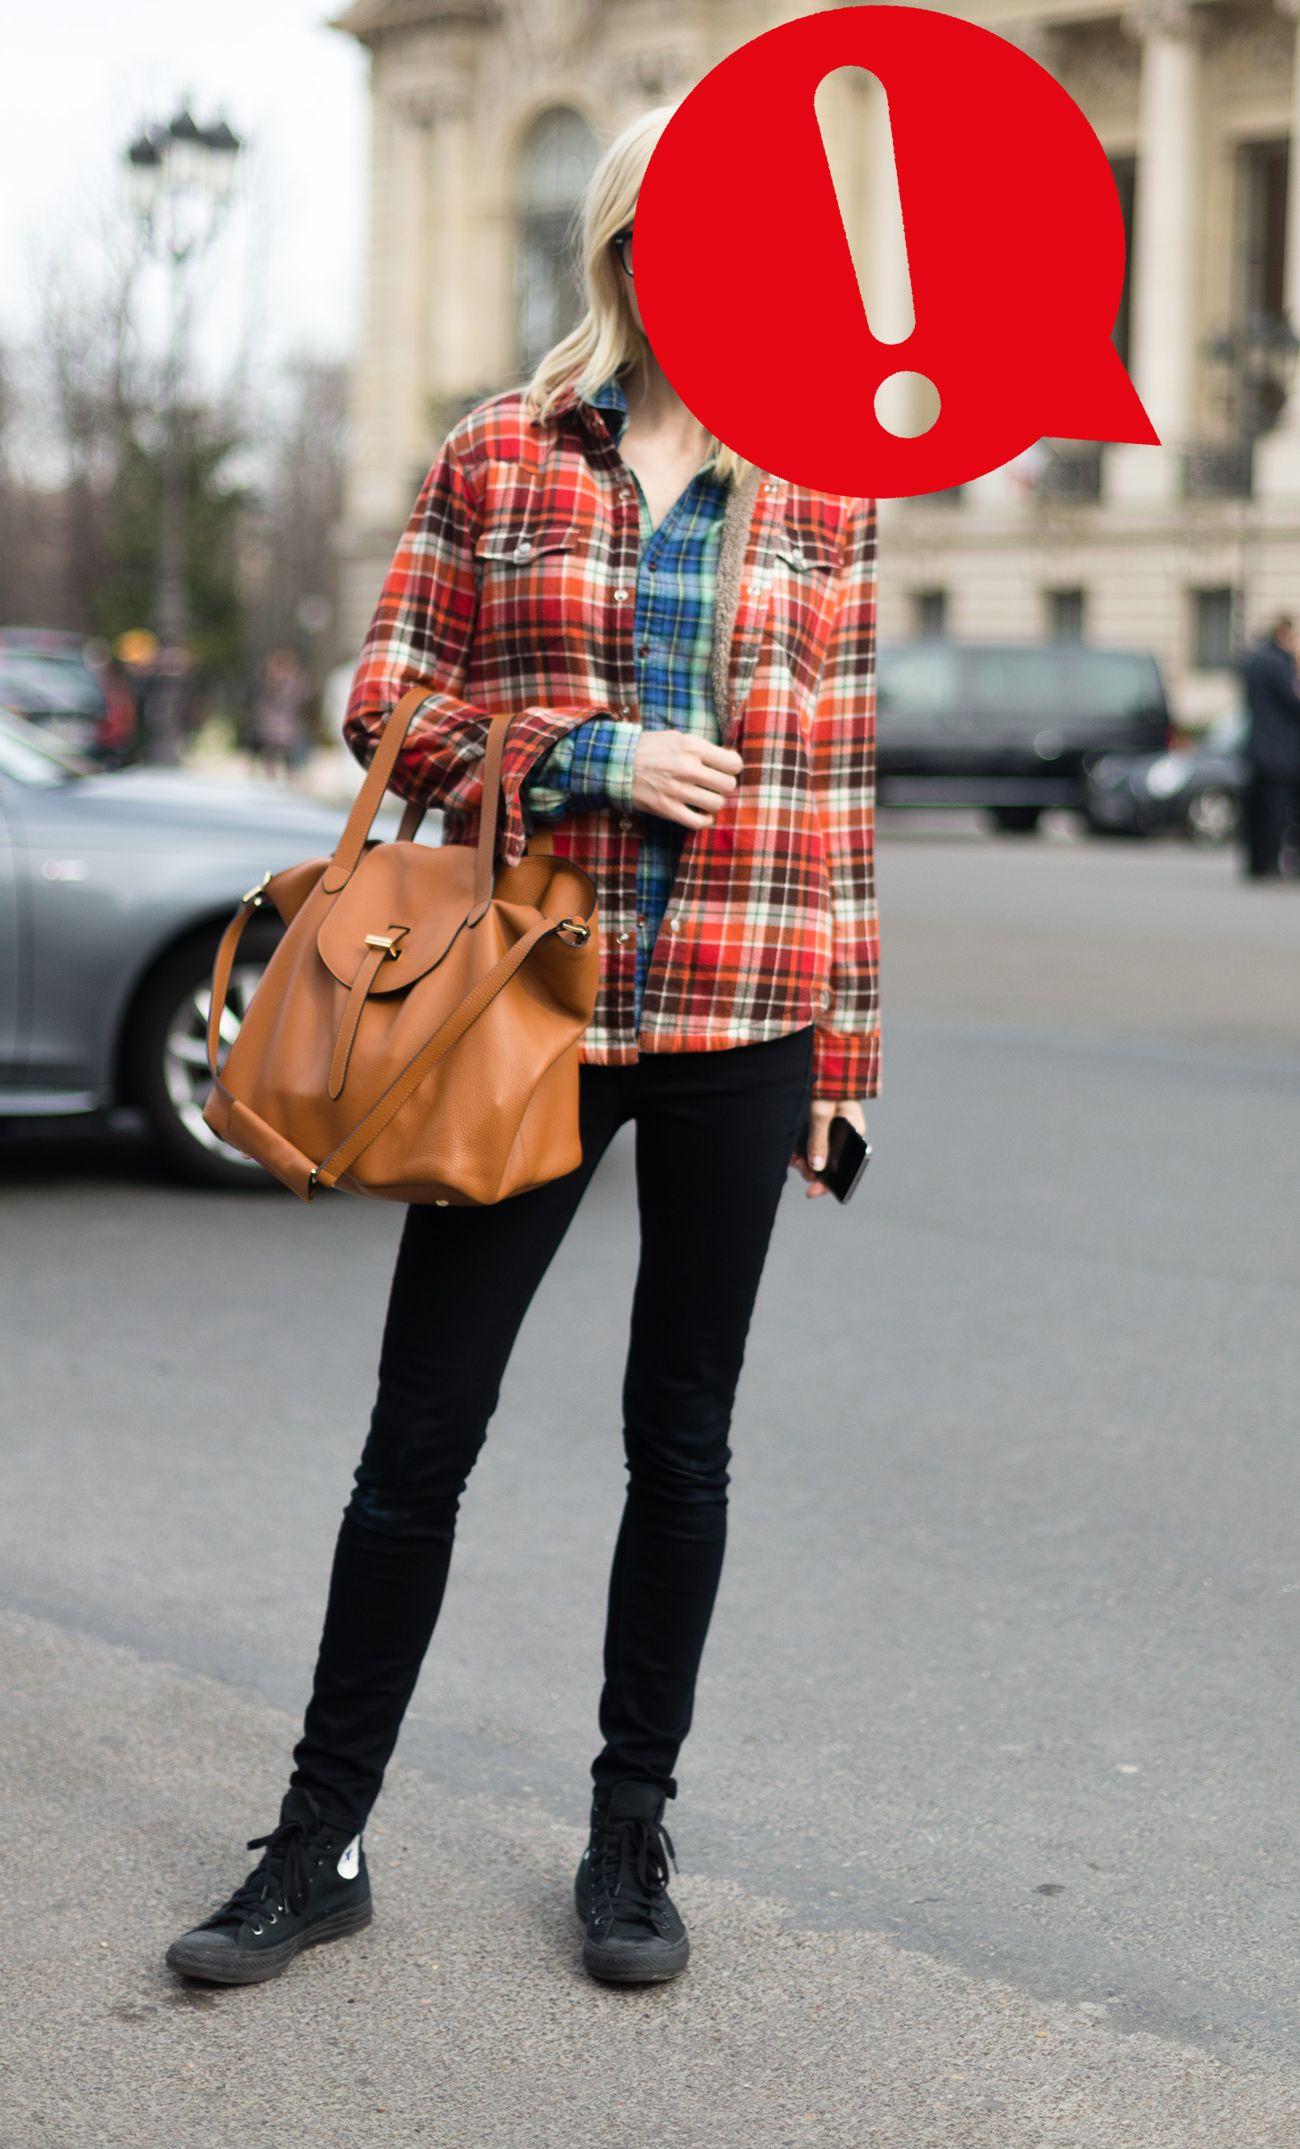 Camicia a quadri: il check è cool per gli outfit inverno 2019